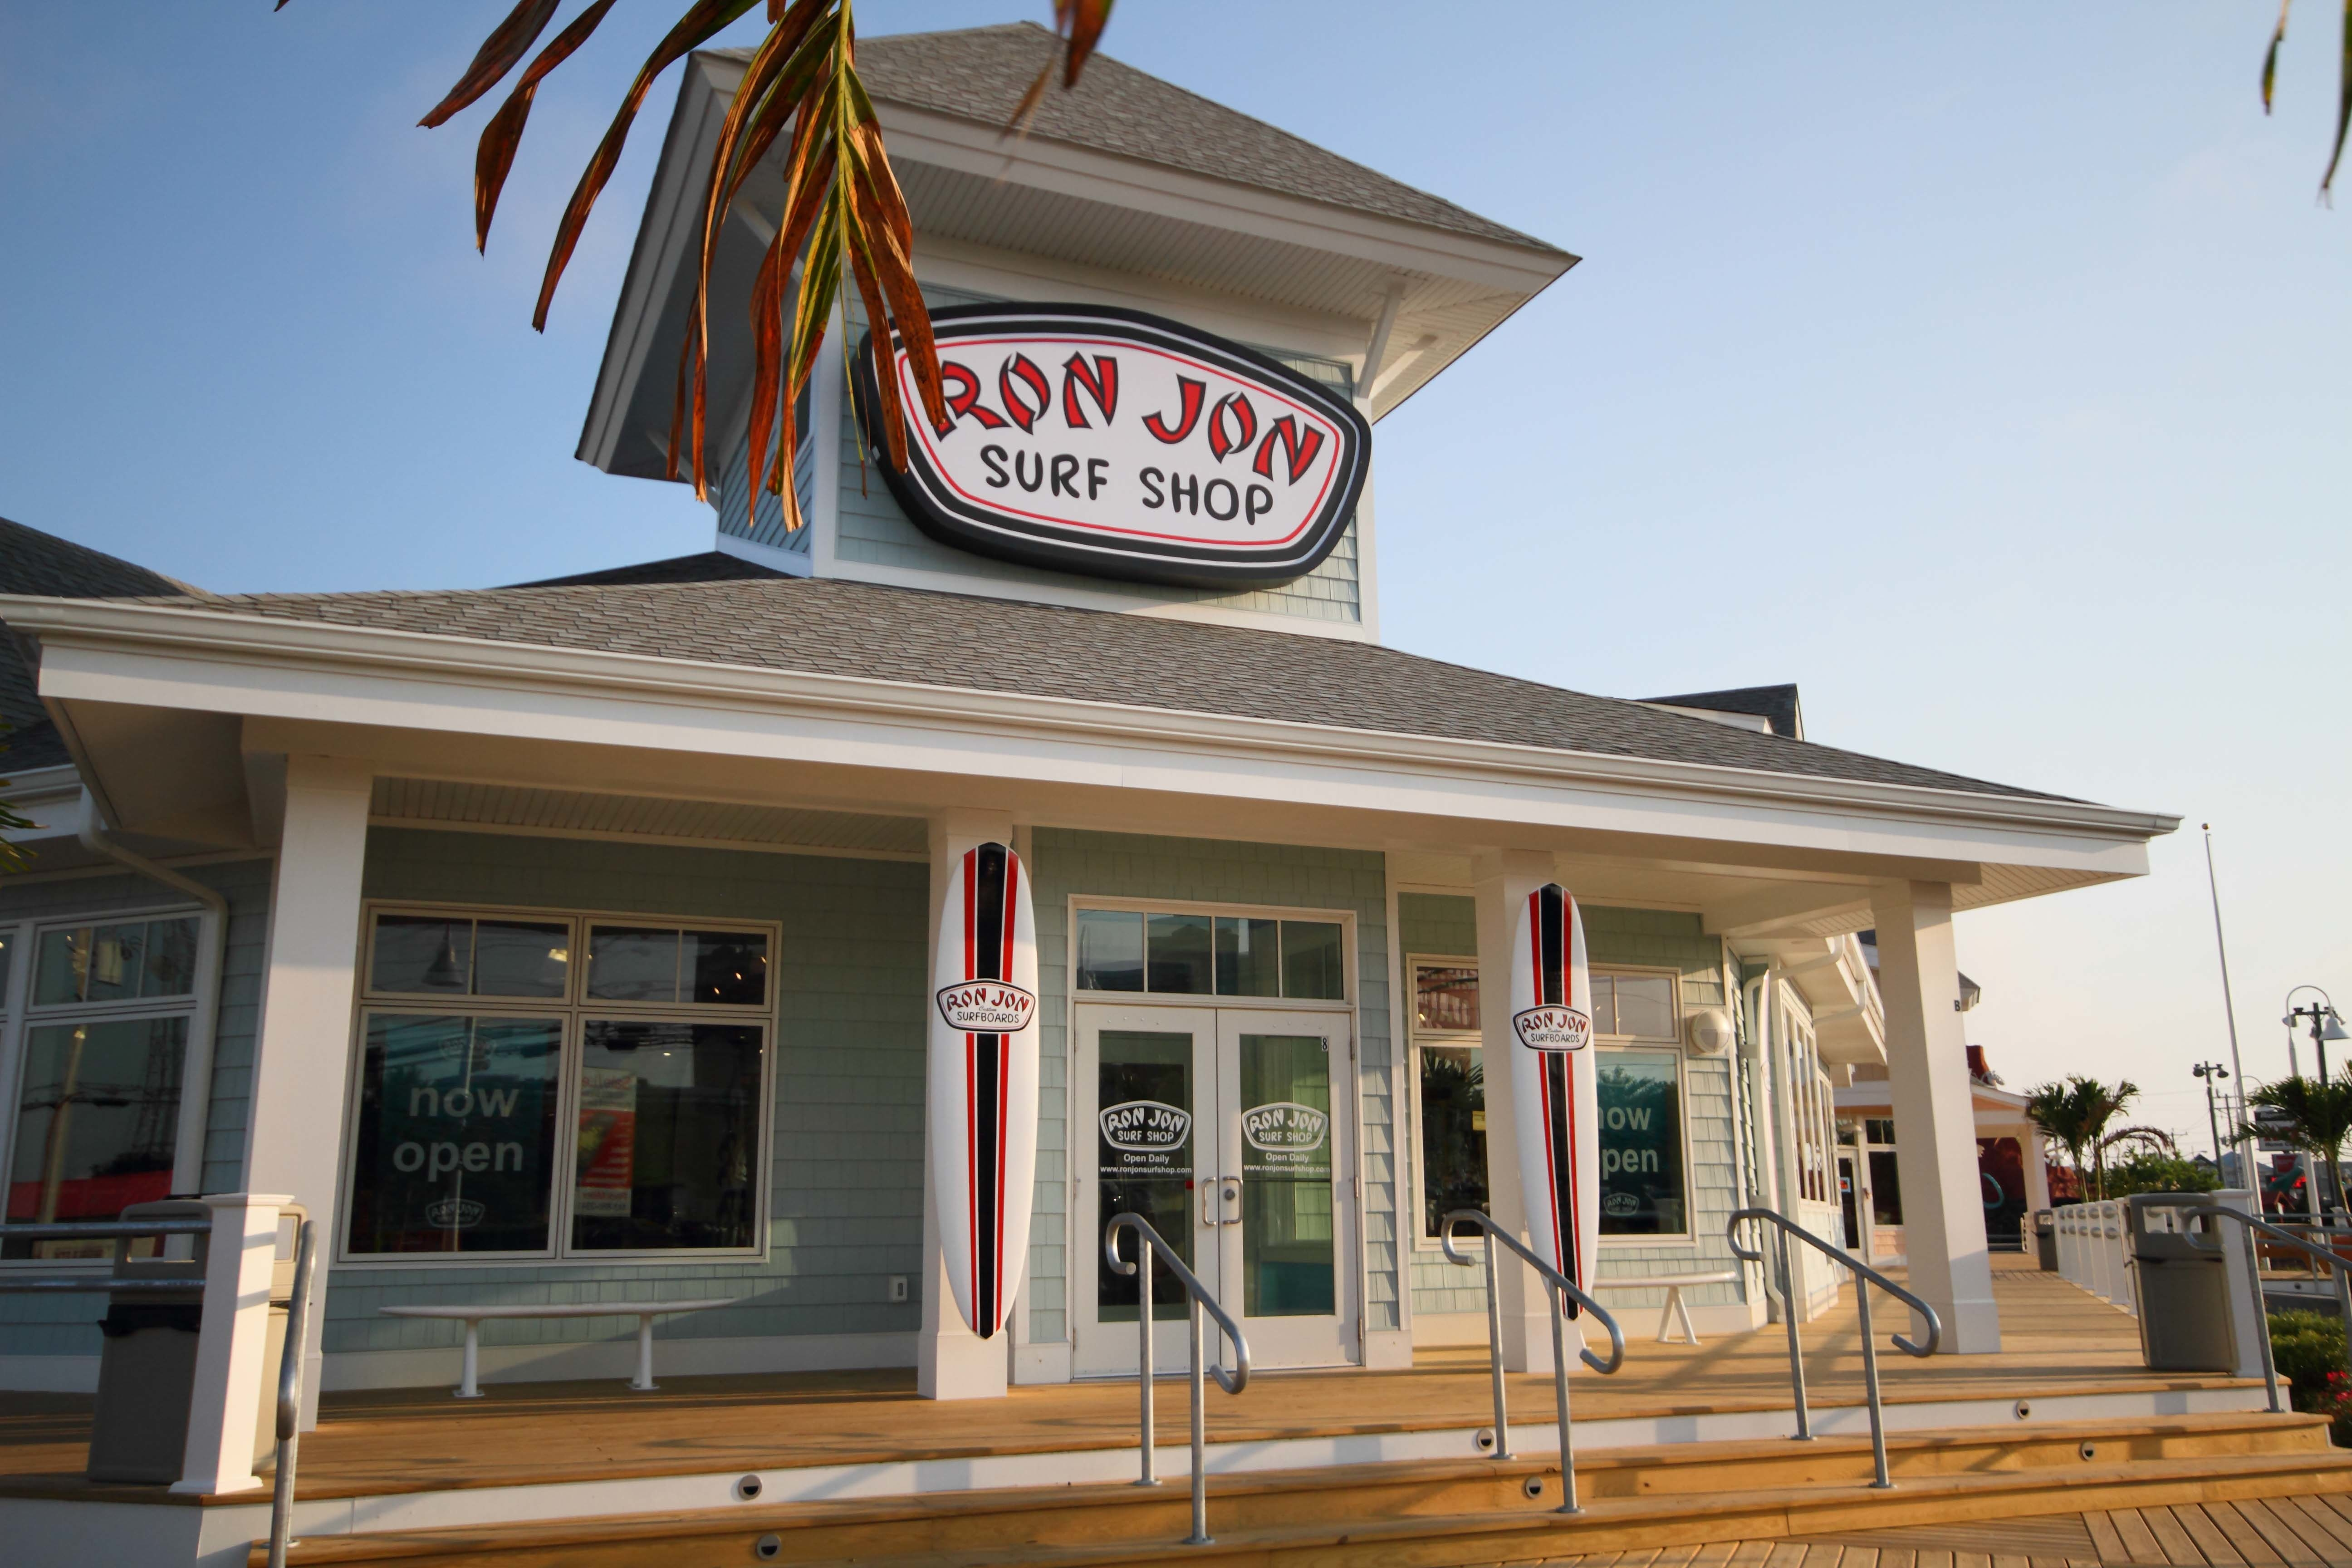 Ron jon discount coupons